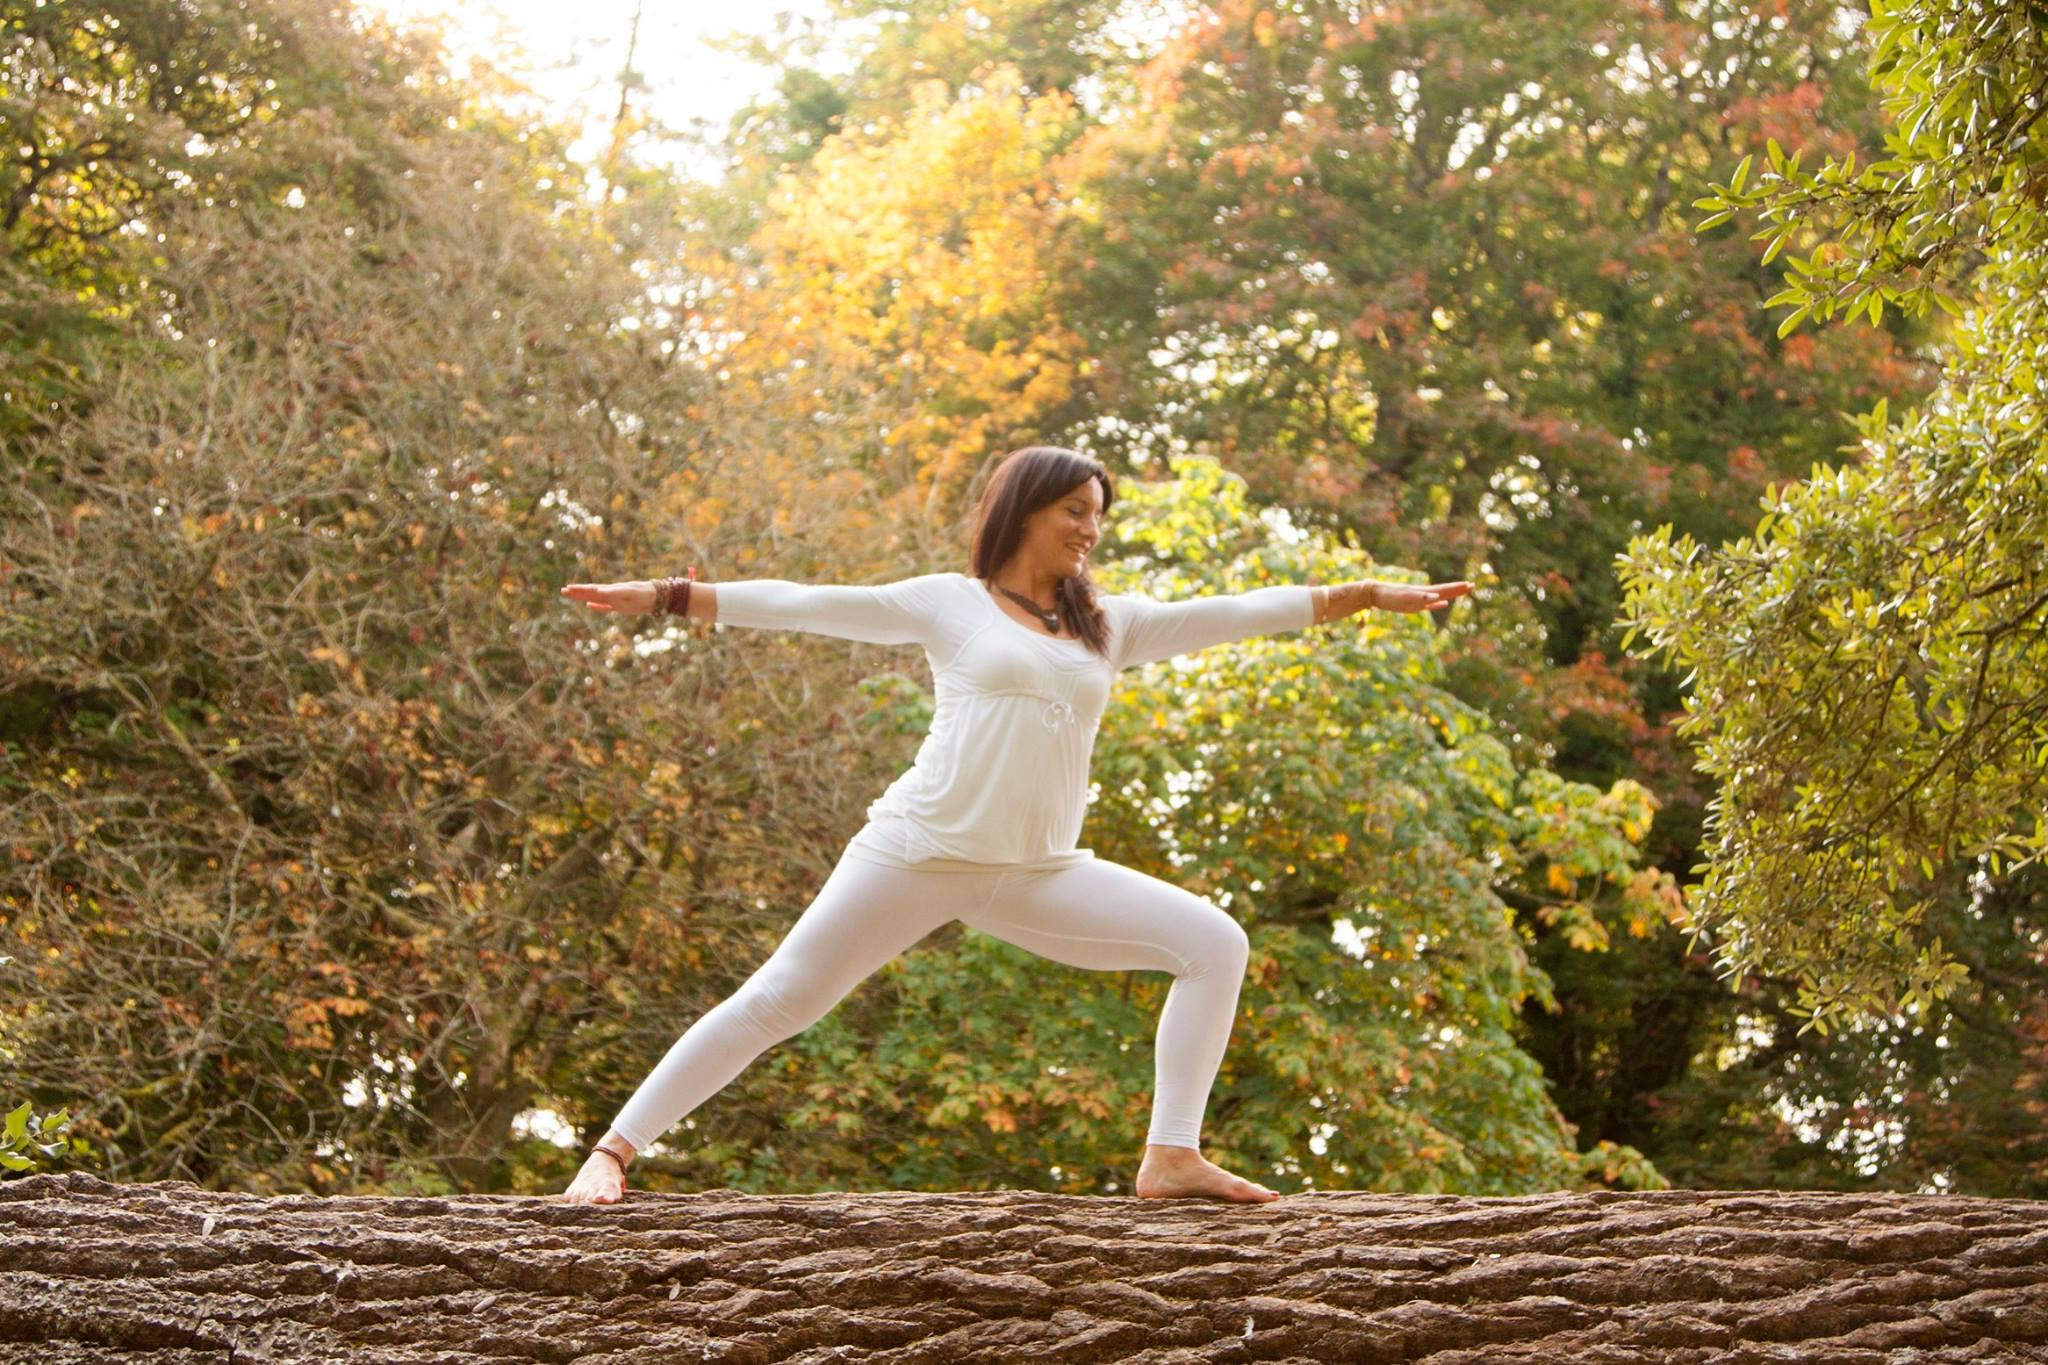 Healthy Ireland  In Borrisokane Library Tomorrow With Ana Alves Smyth Doing Yoga